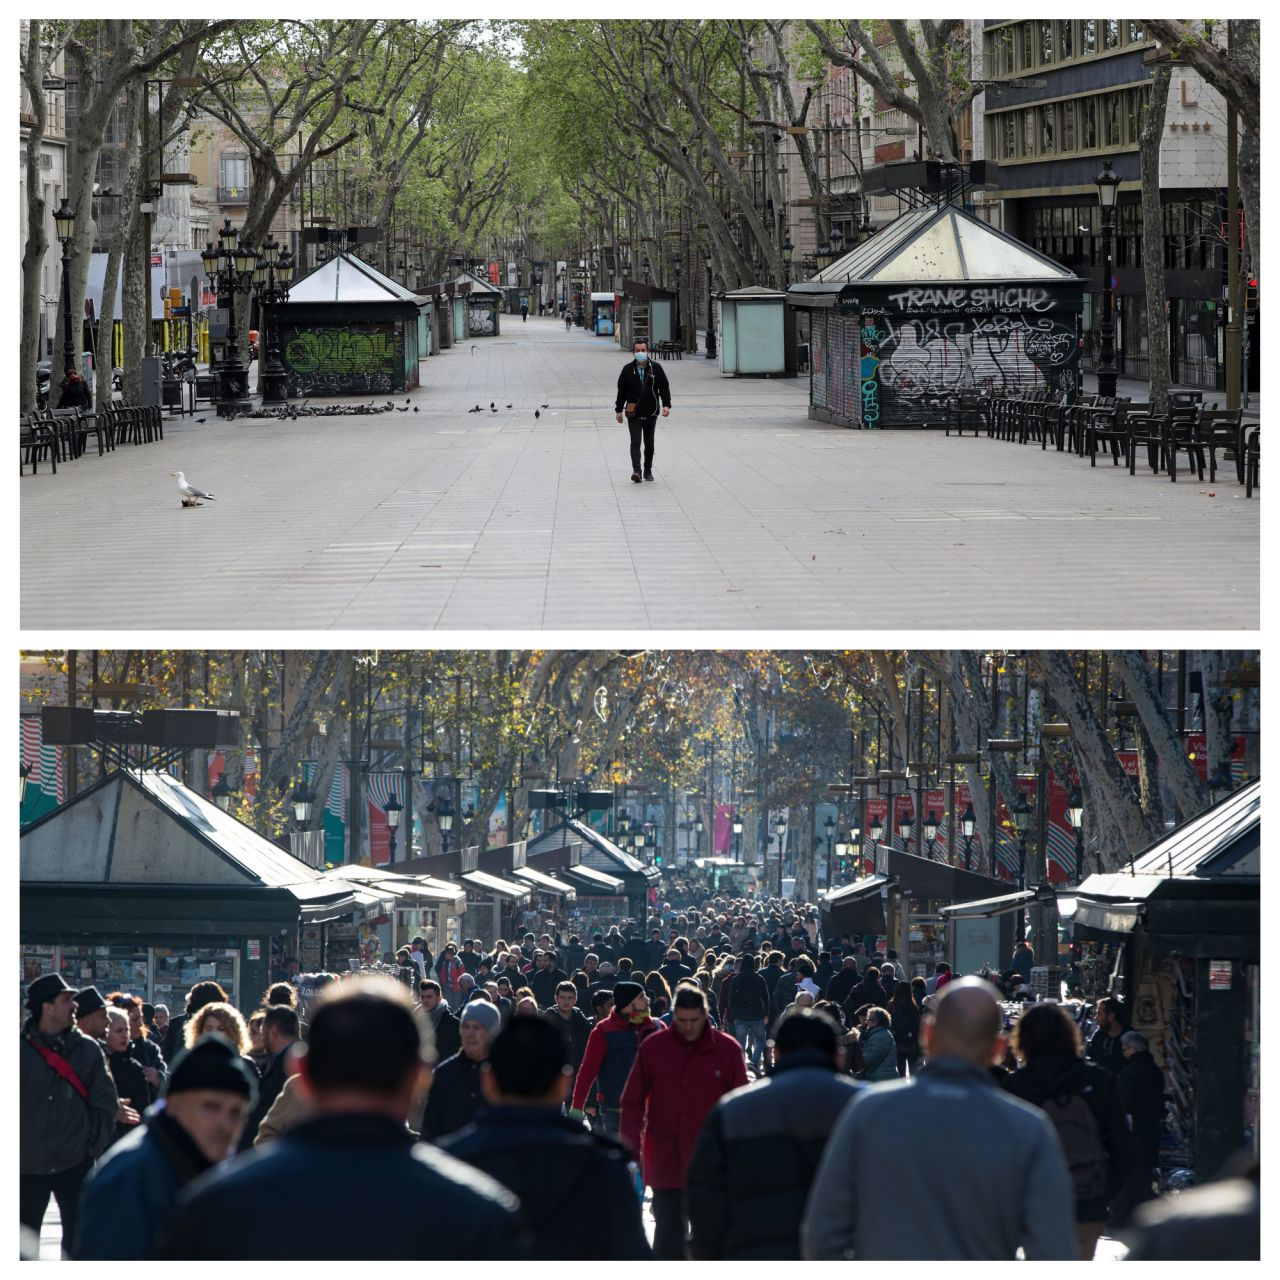 Die berühmte Las Ramblas in Barcelona erstreckt sich über etwa 1,2 km vom Hafen Port Vells zum Placa Catalunya und ist sowohl bei Touristen als auch bei Einwohnern sehr beliebt.